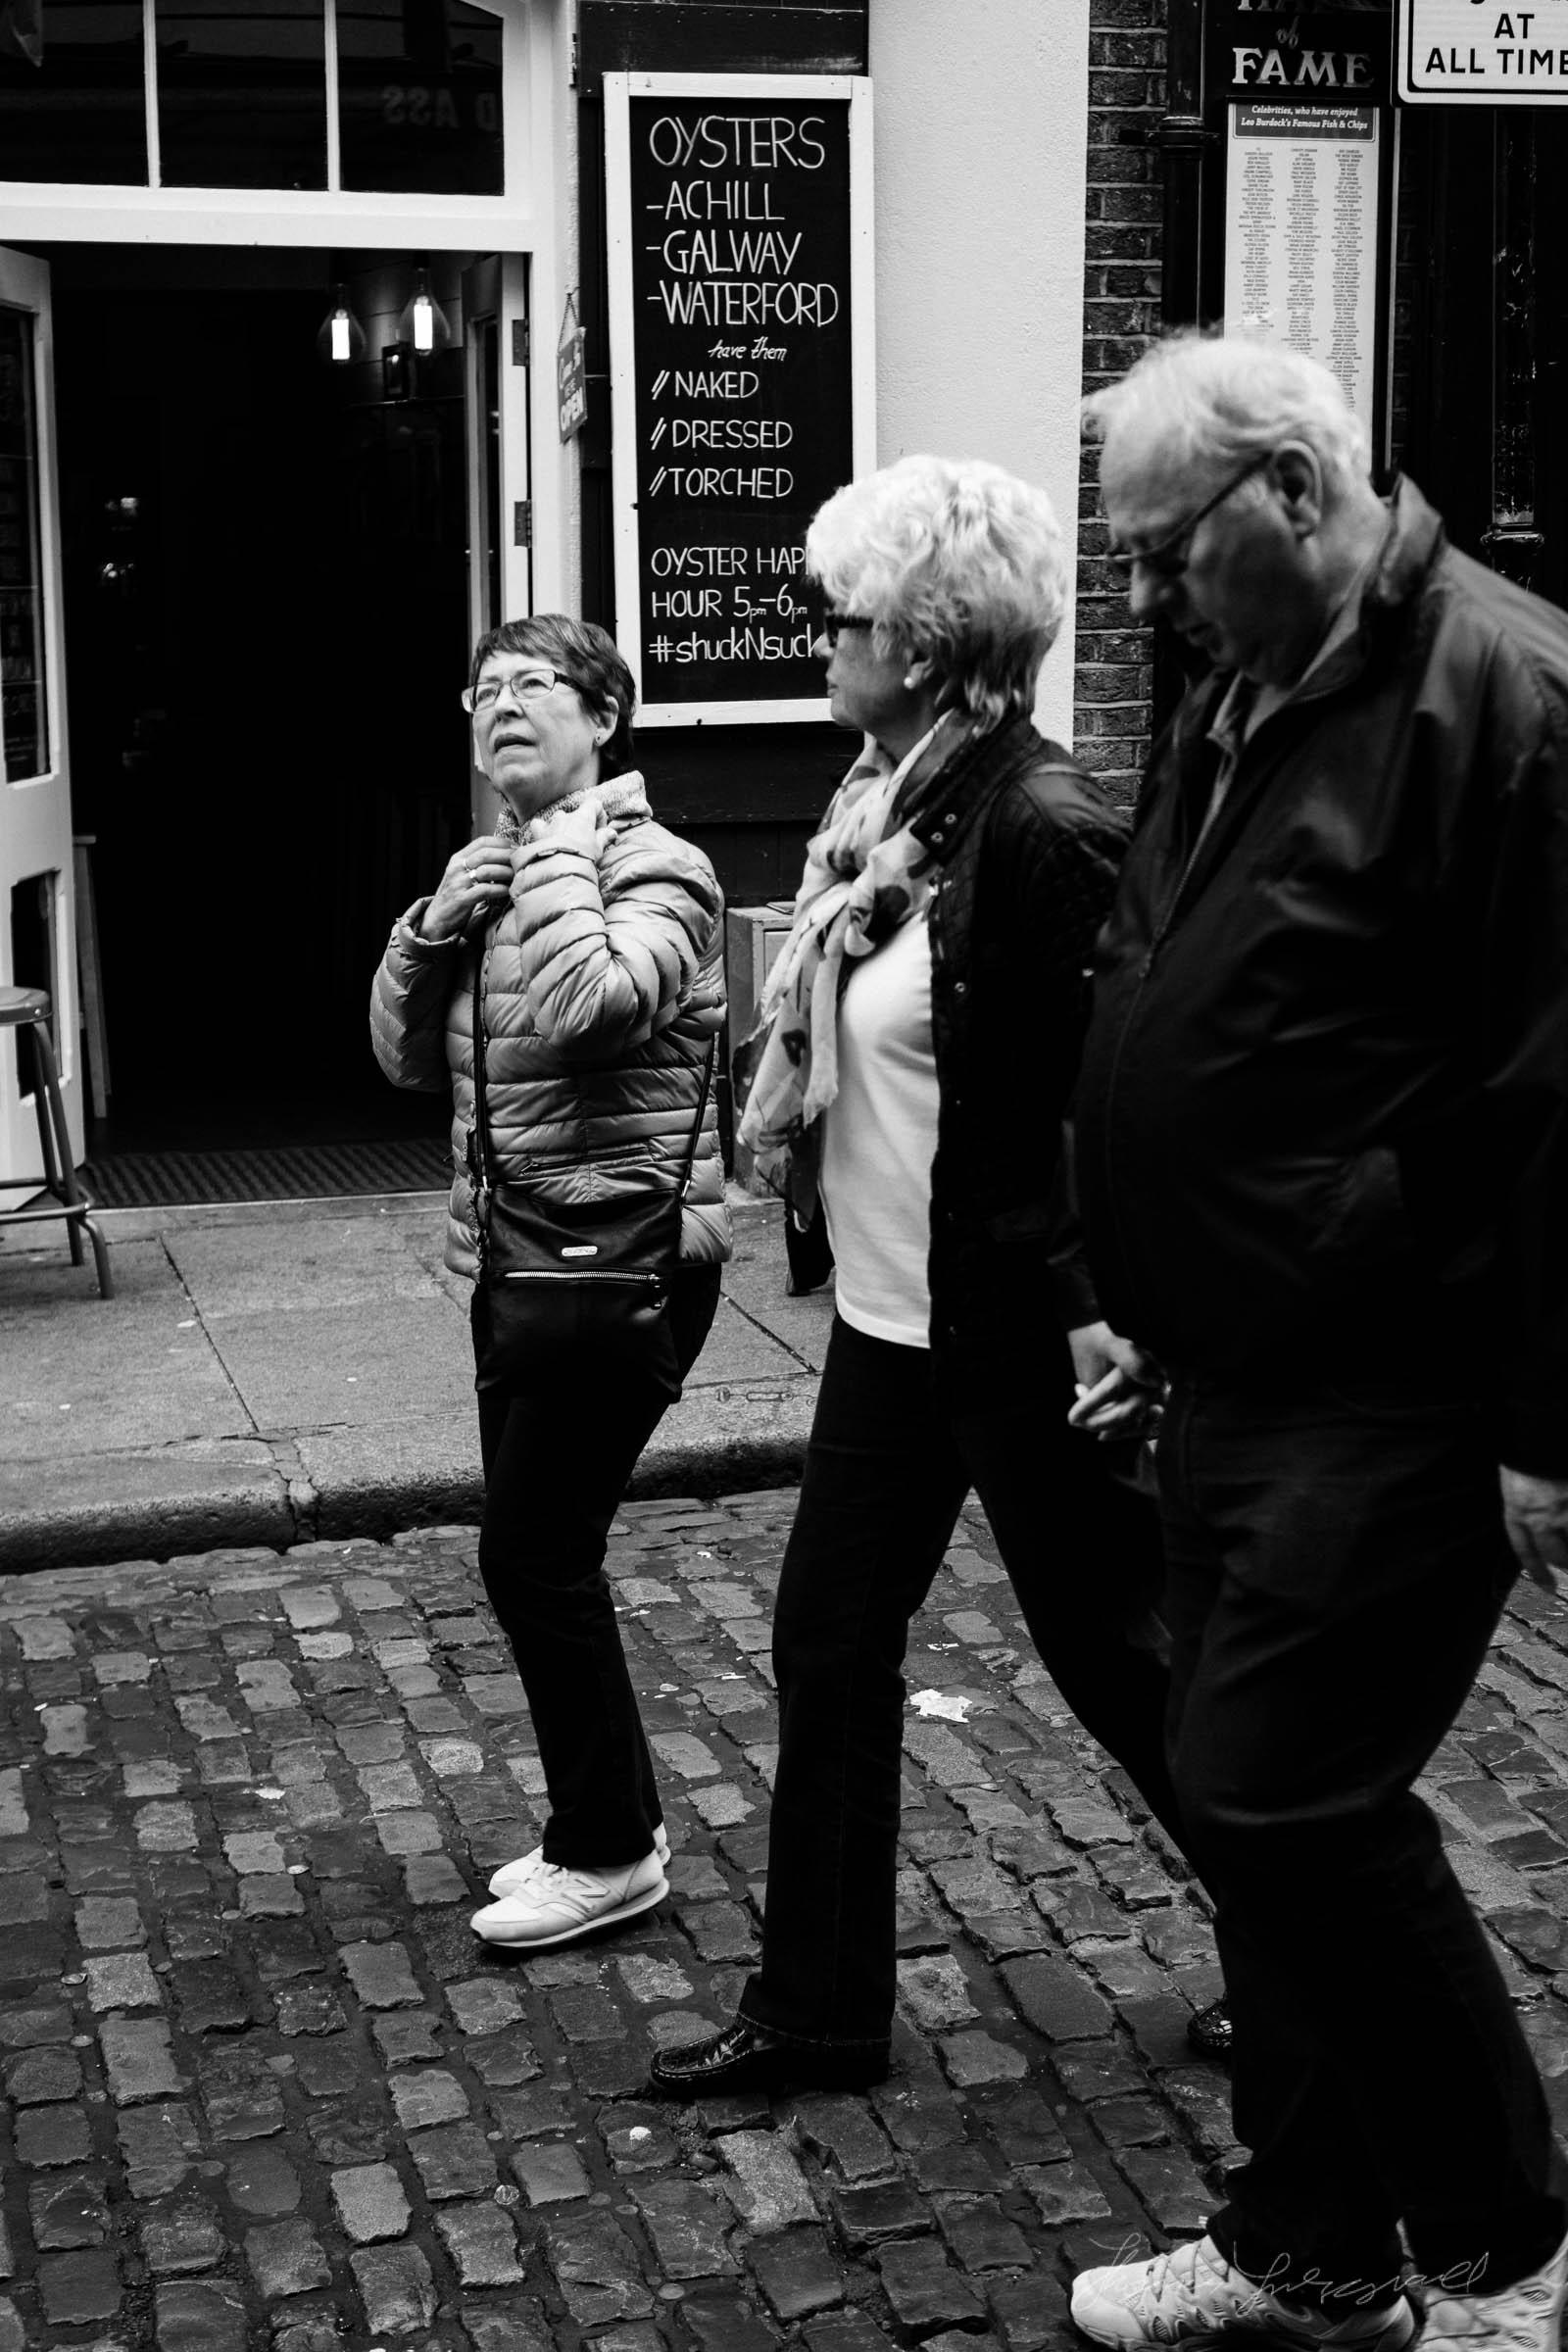 Street-Photo-Diary-No-6-BW-Dublin-21.jpg